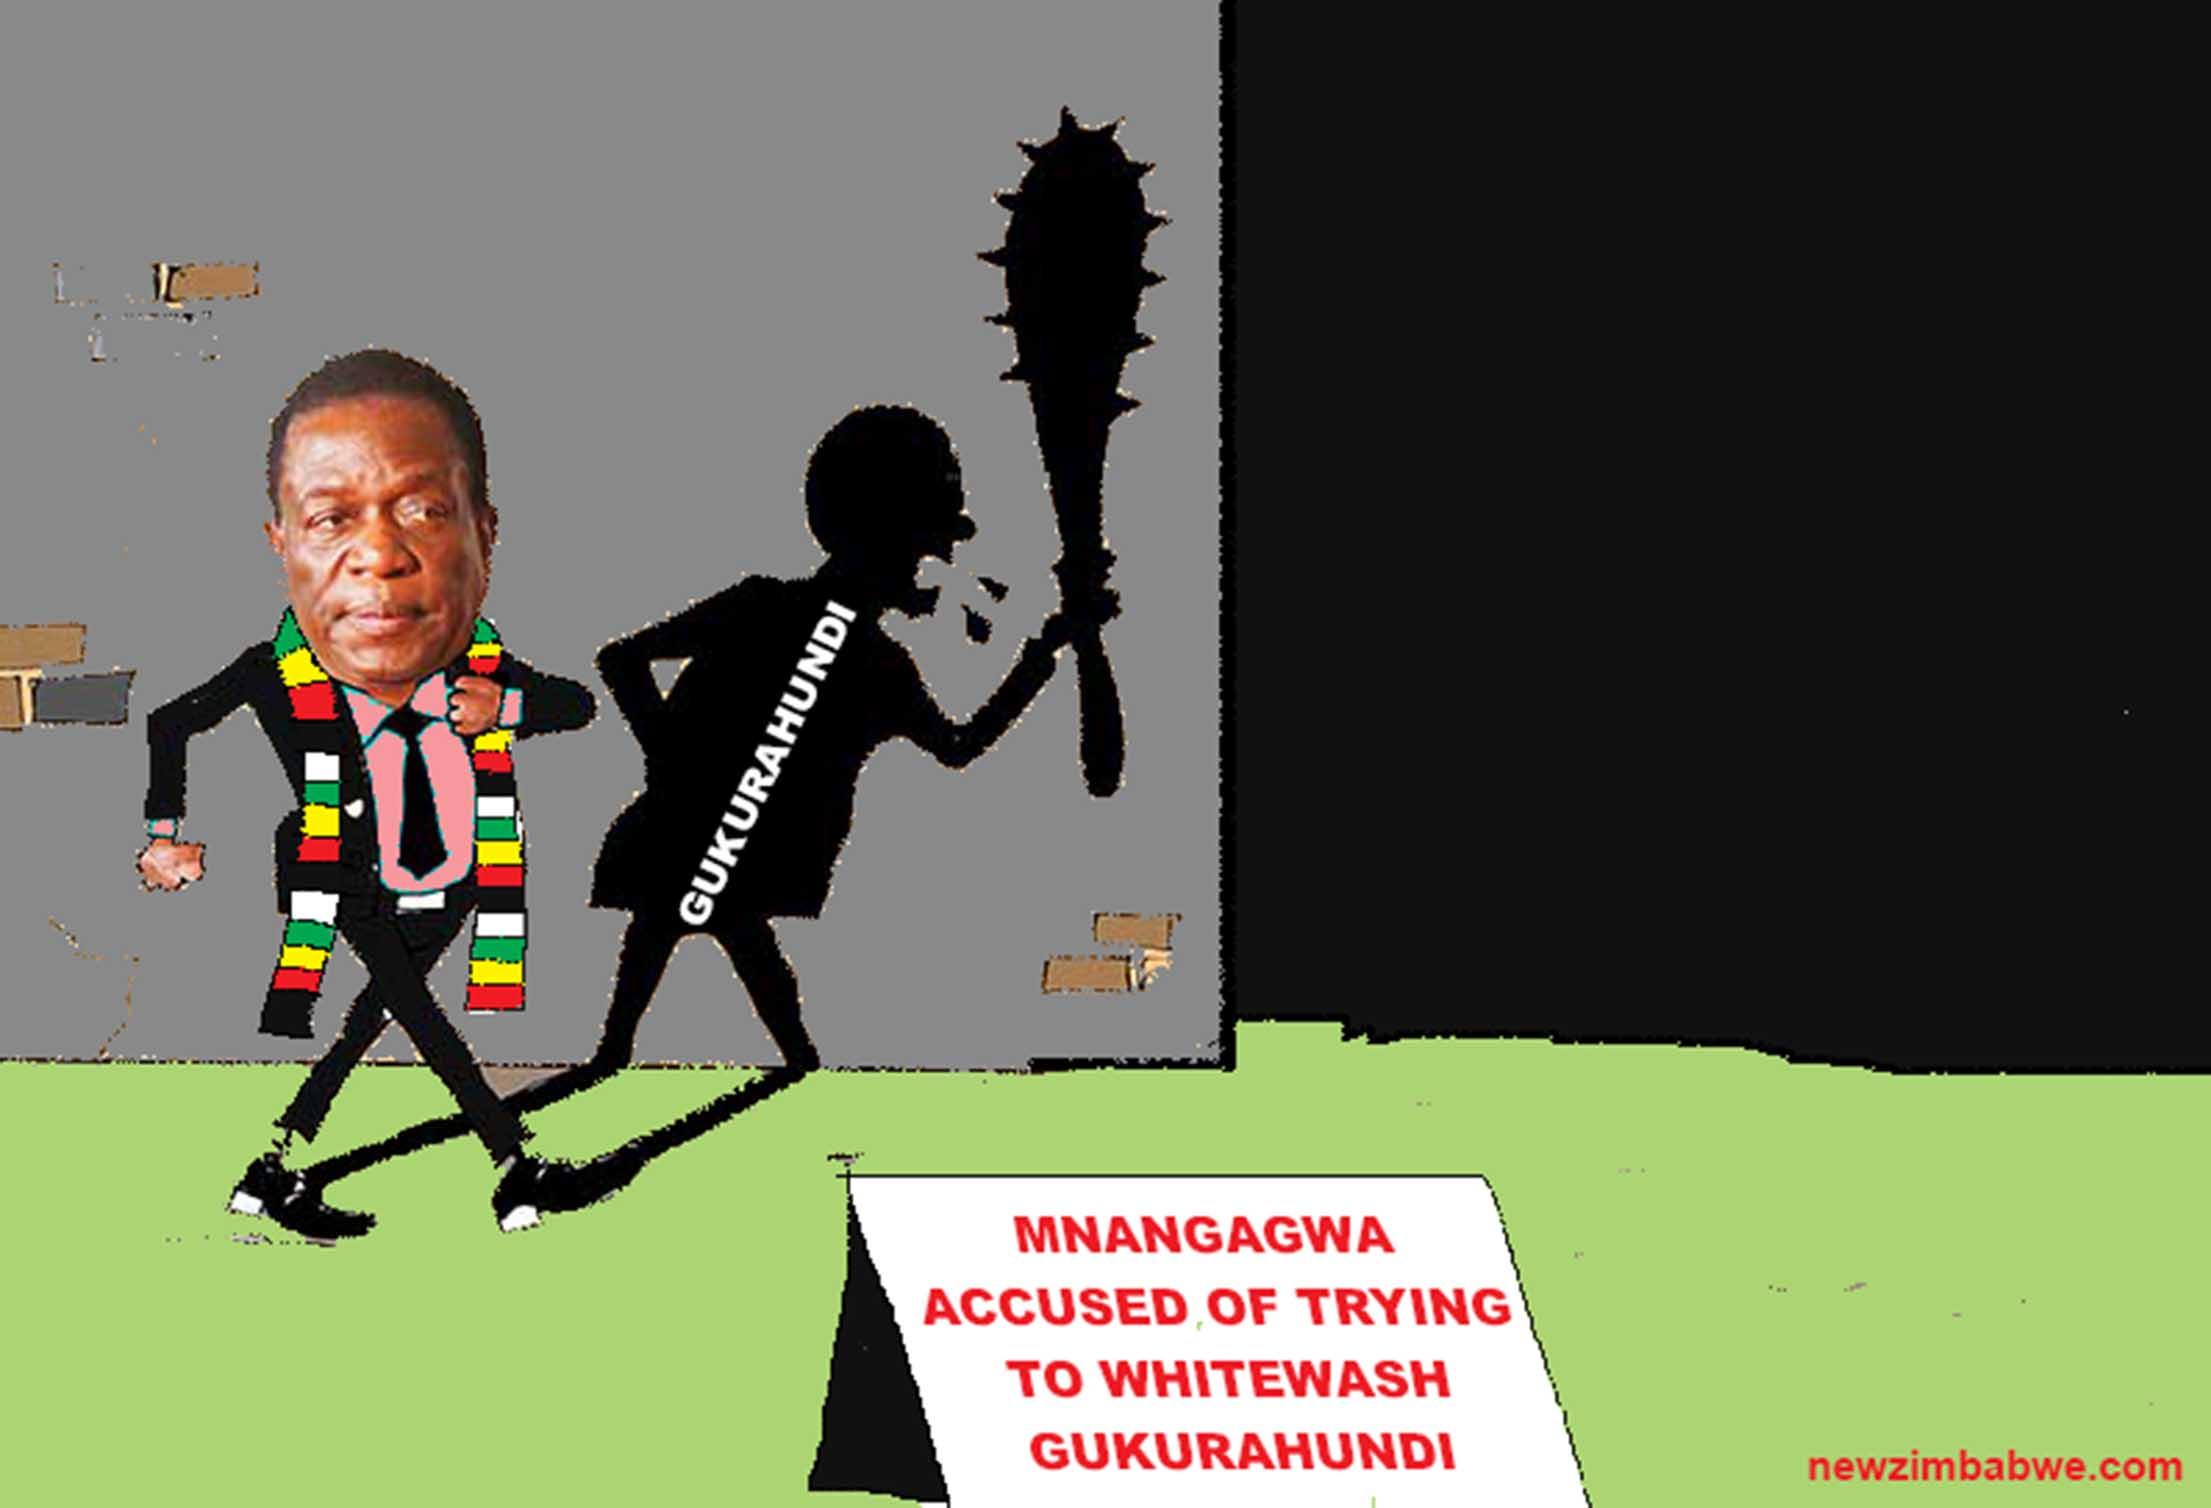 Mnangagwa and Gukurahundi